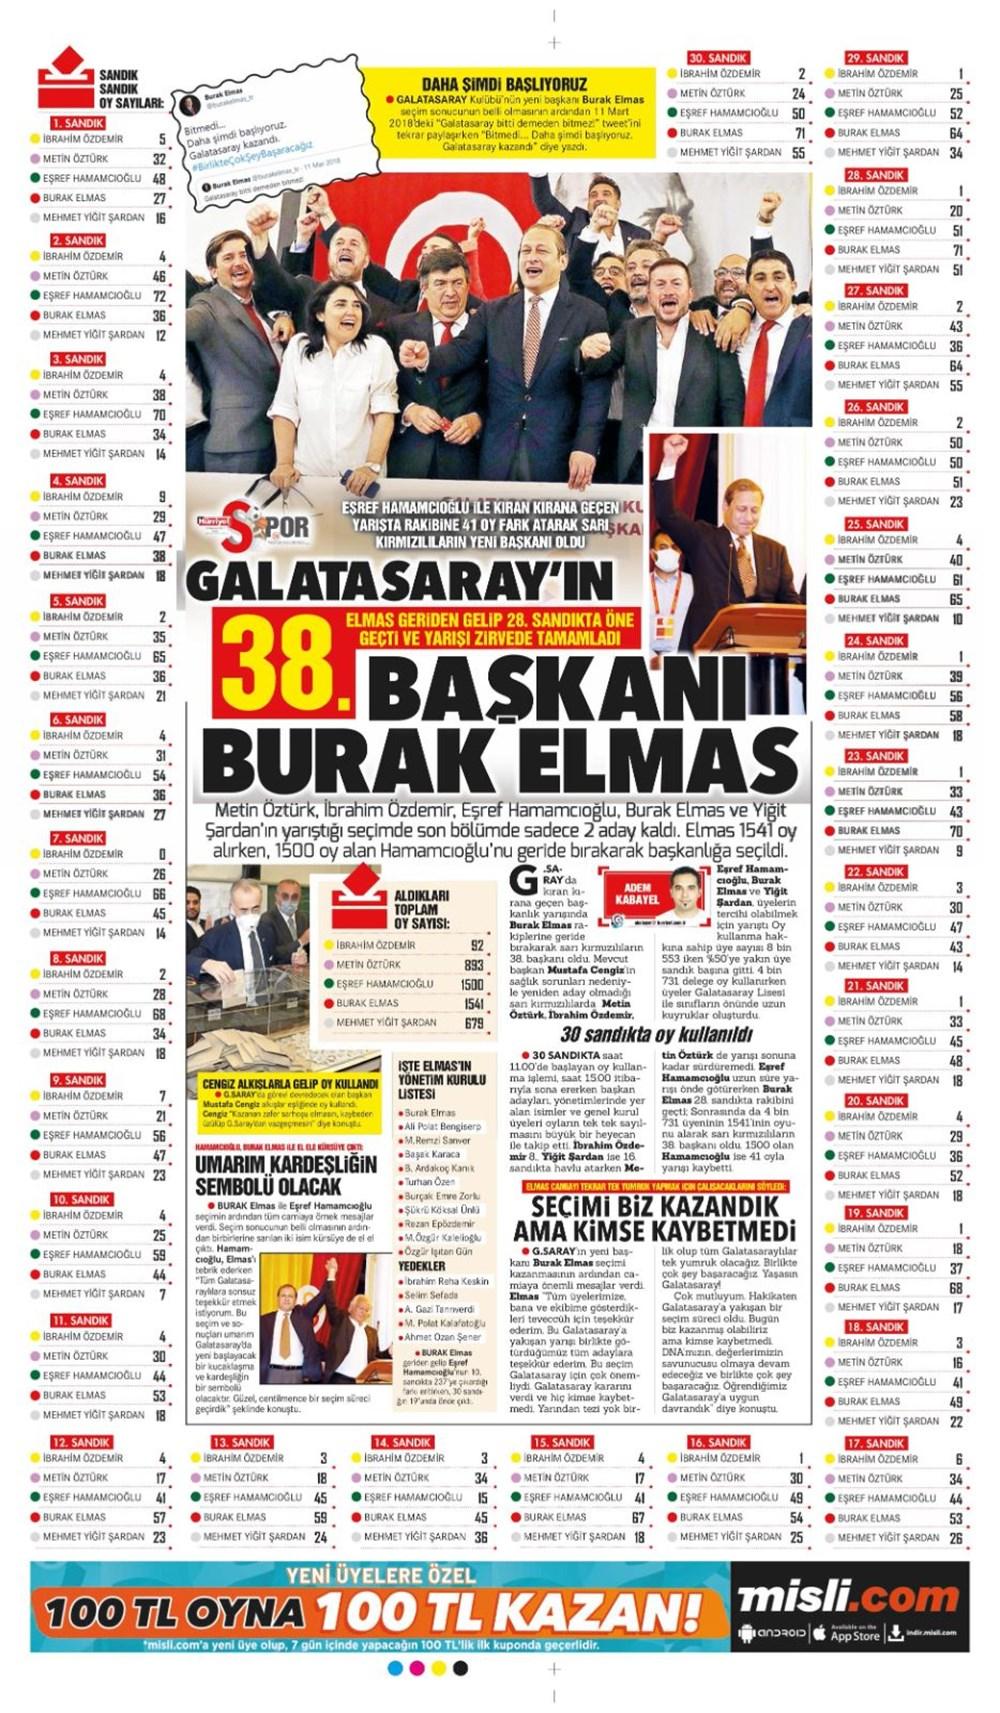 Günün spor manşetleri (20 Haziran 2021) - 9